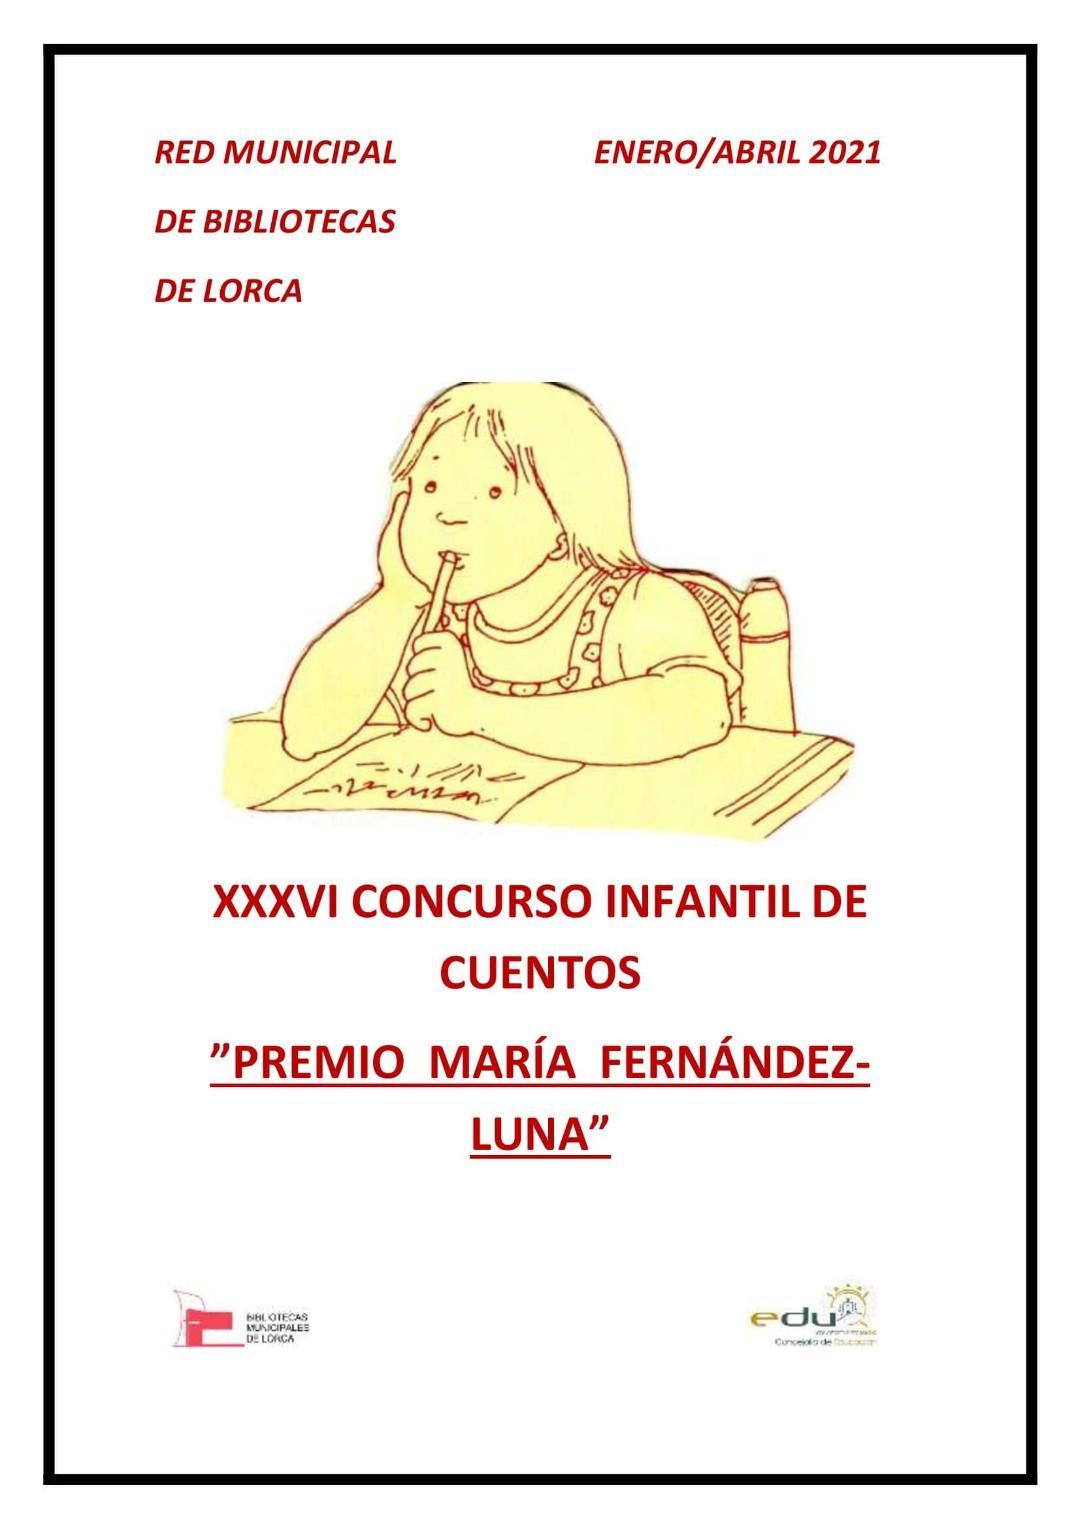 El Ayuntamiento de Lorca abre el plazo para participar en el XXXVI Concurso Infantil de Cuentos 'Premio María Fernández-Luna'